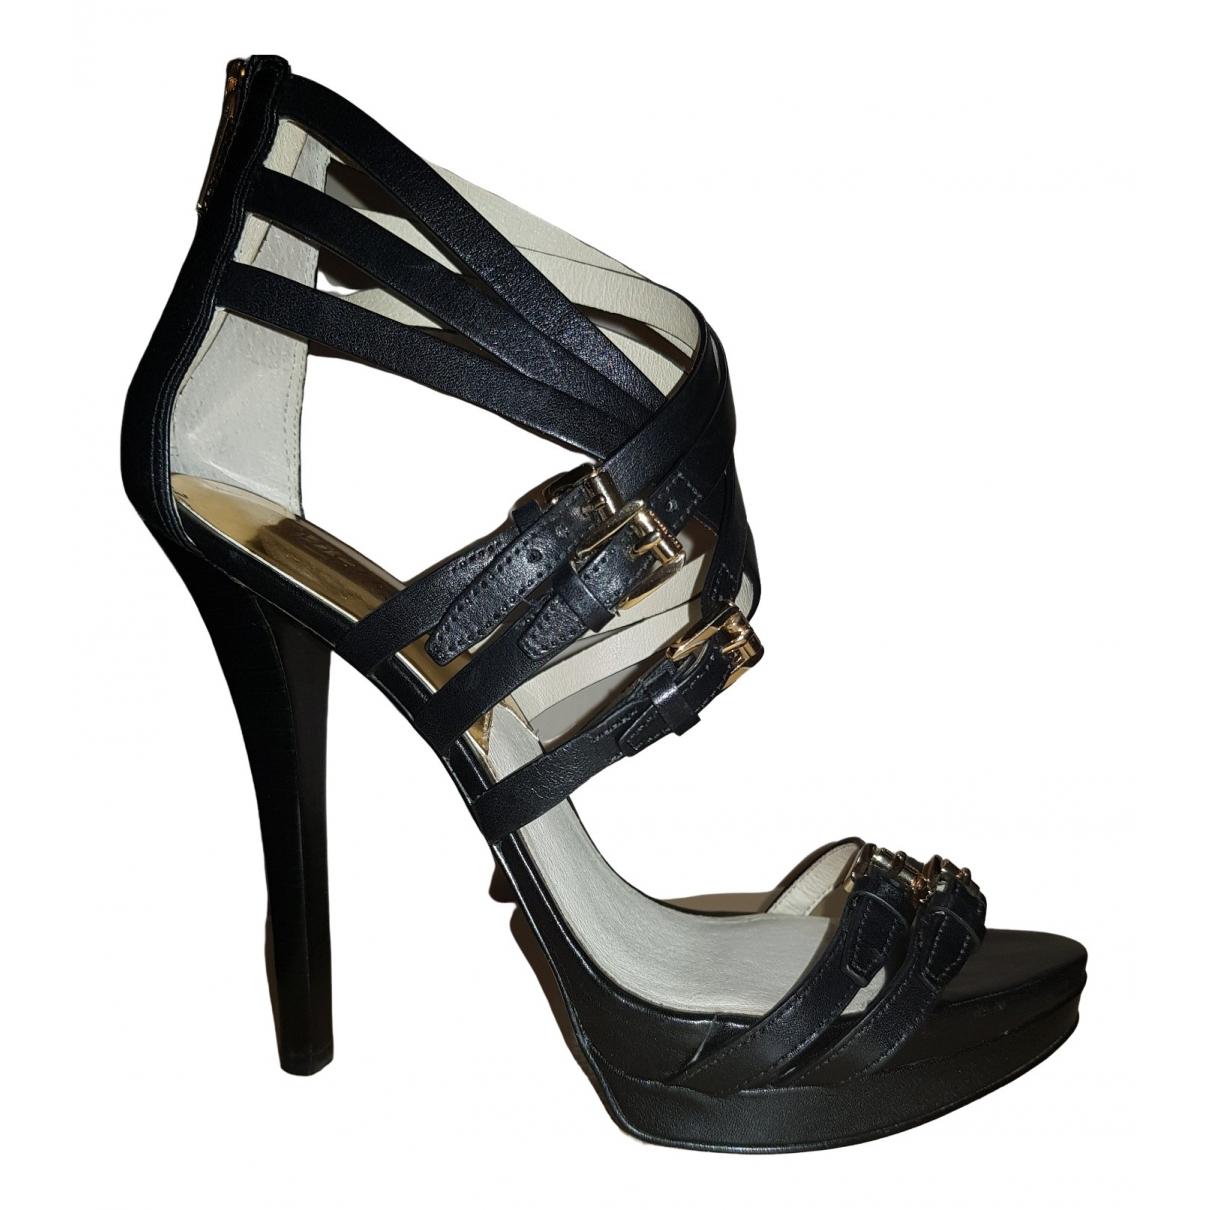 Michael Kors \N Black Leather Sandals for Women 9.5 UK